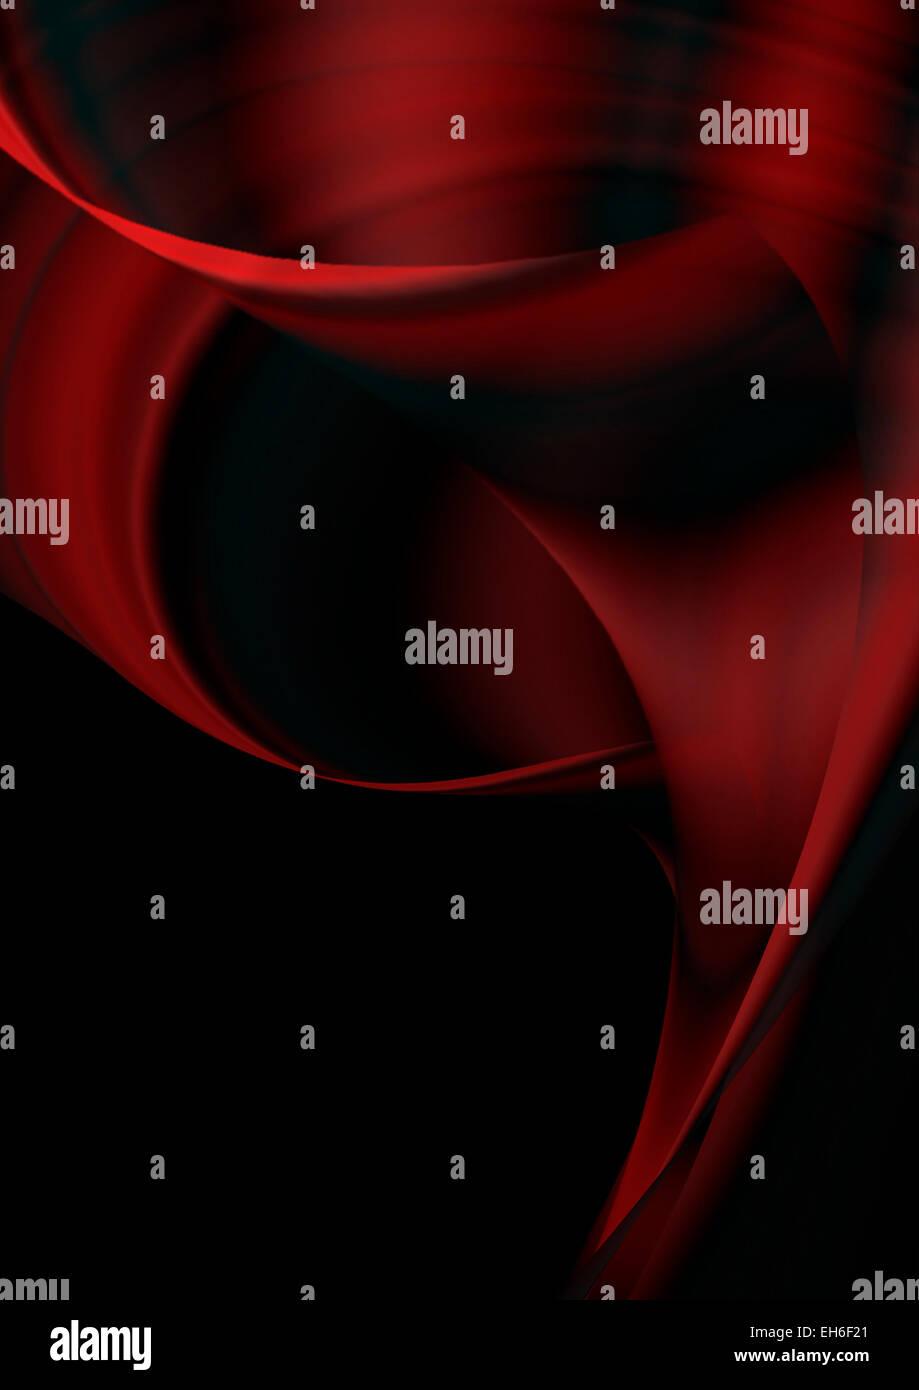 Rosso brillante ritorto forme curve su sfondo nero Immagini Stock